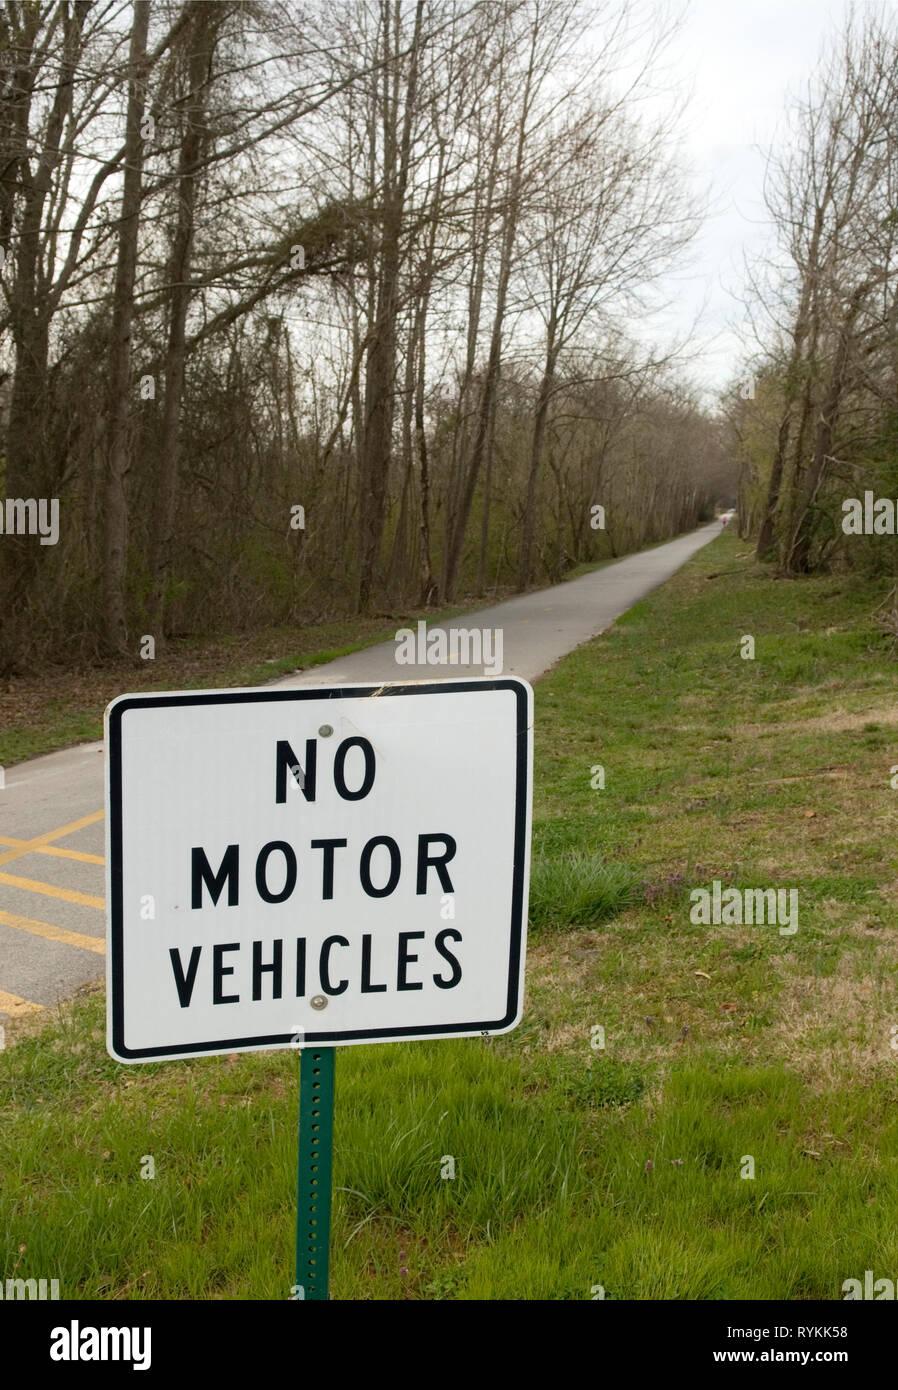 No motor vehicles sign at Greenlink bike and hiking trail, Greenville, South Carolina, USA. - Stock Image